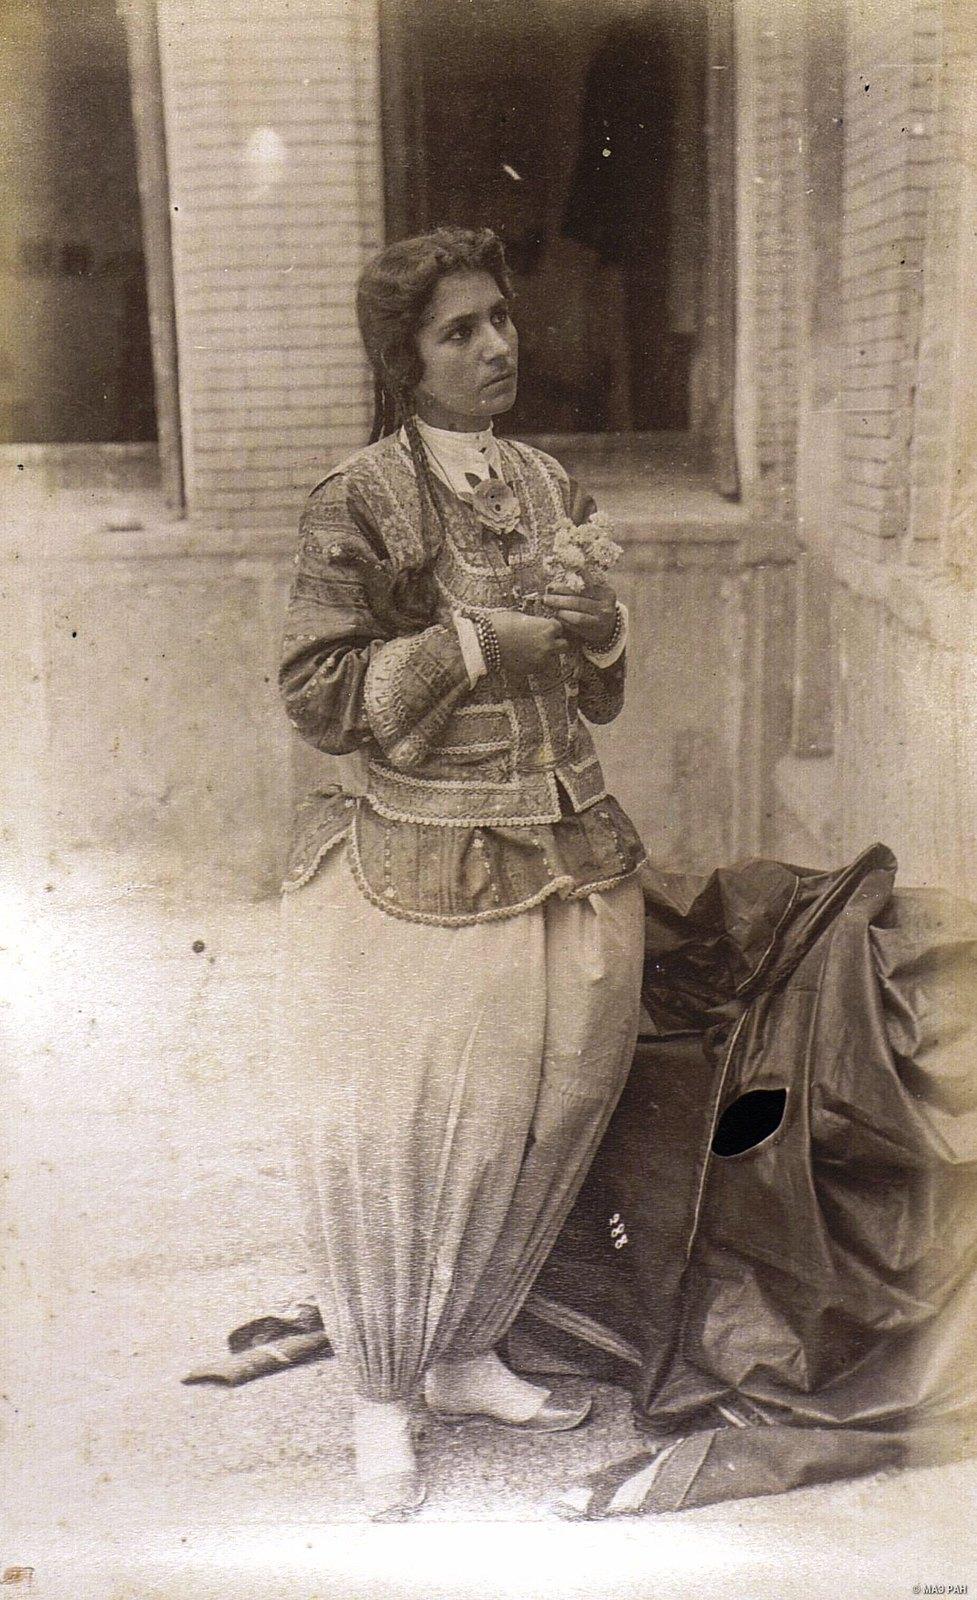 Женщина в домашнем нарядном костюме